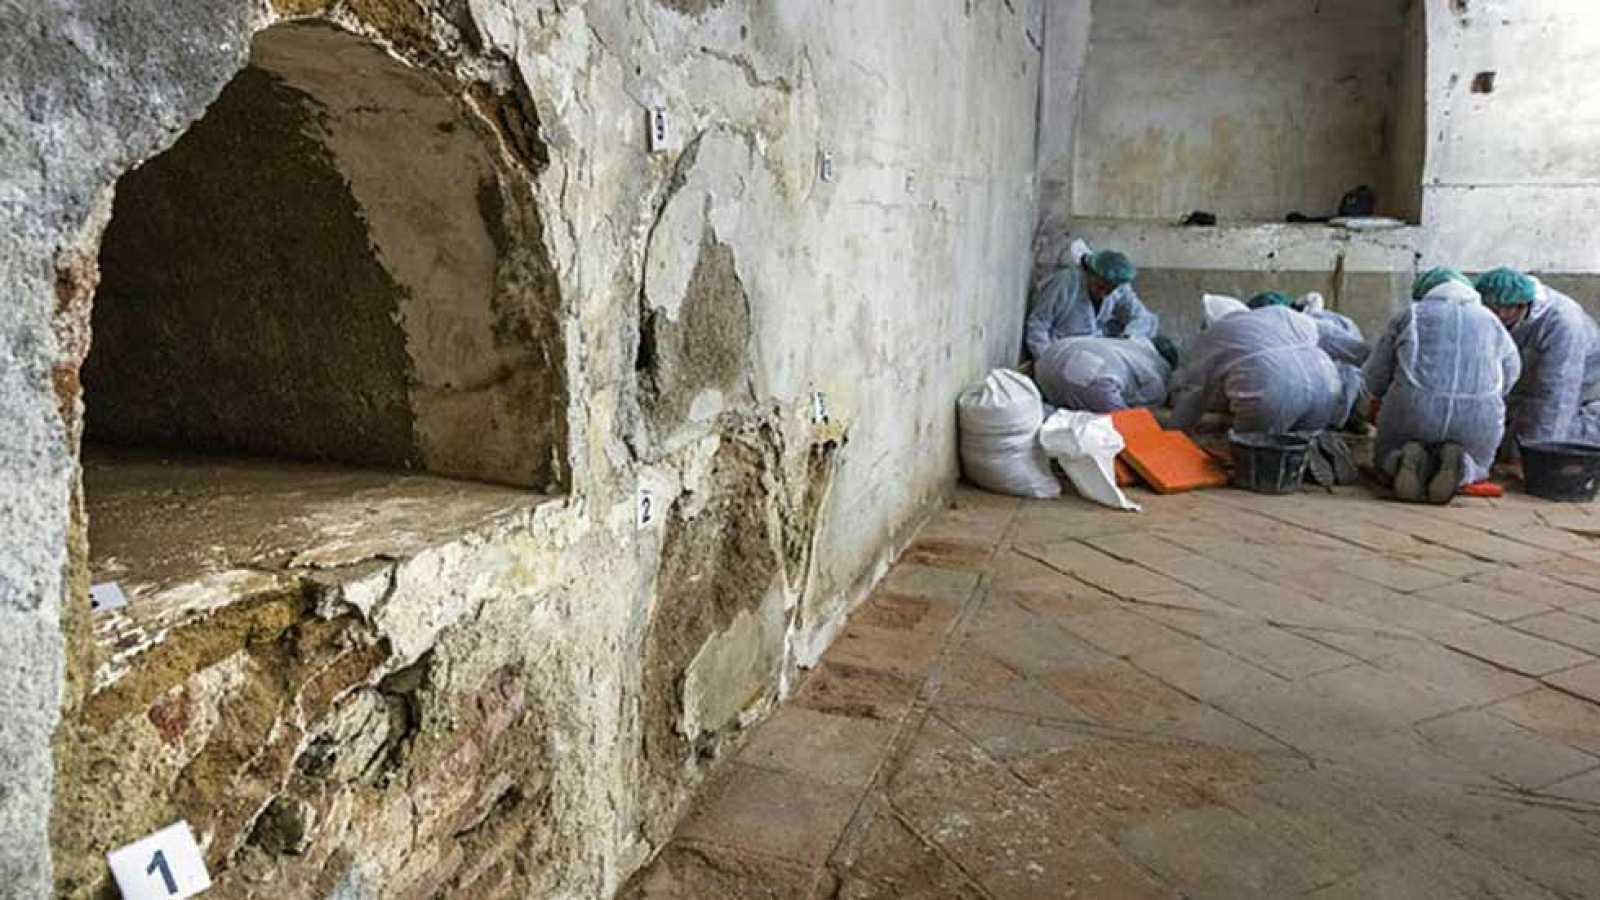 Los primeros huesos encontrados en la iglesia de las Trinitarias, no se corresponden con los de Miguel de Cervantes